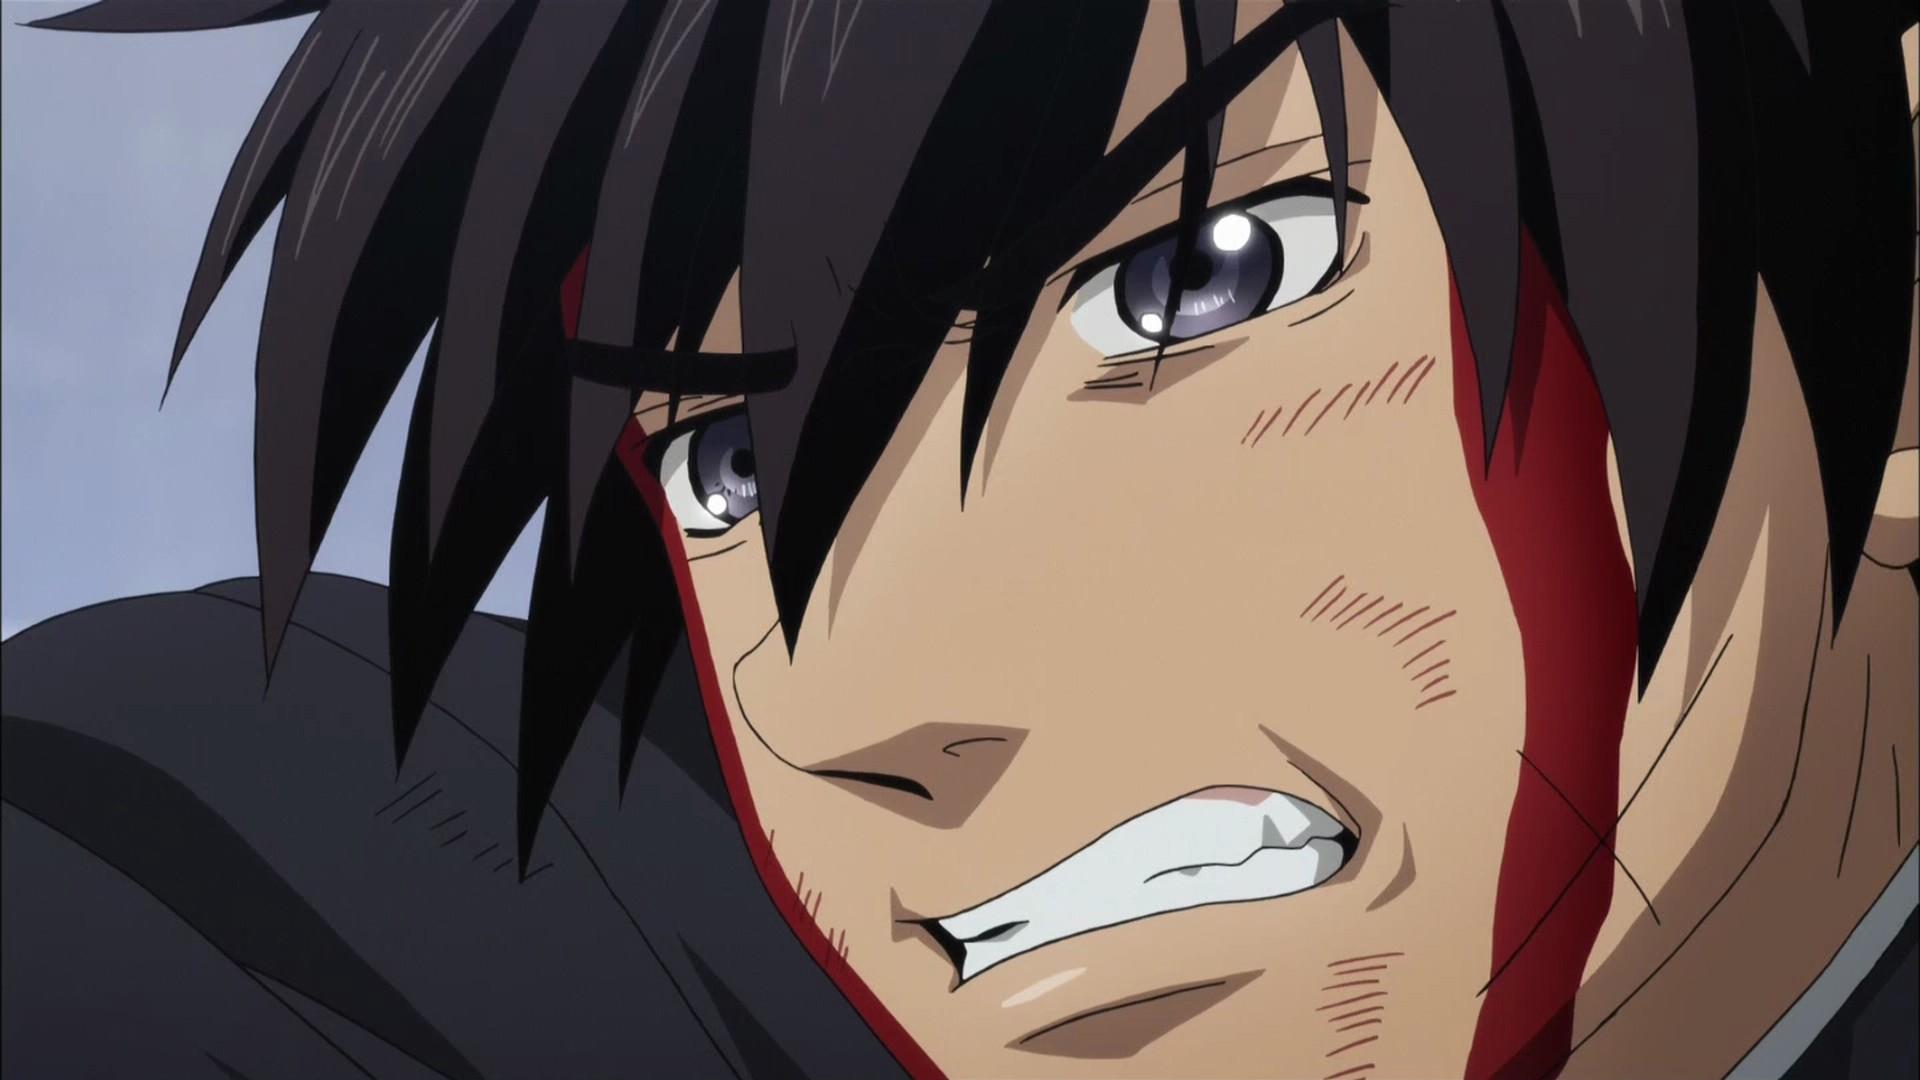 フルメタル・パニック!IV 第四話「オン・マイ・オウン」視聴感想【ネタバレあり】